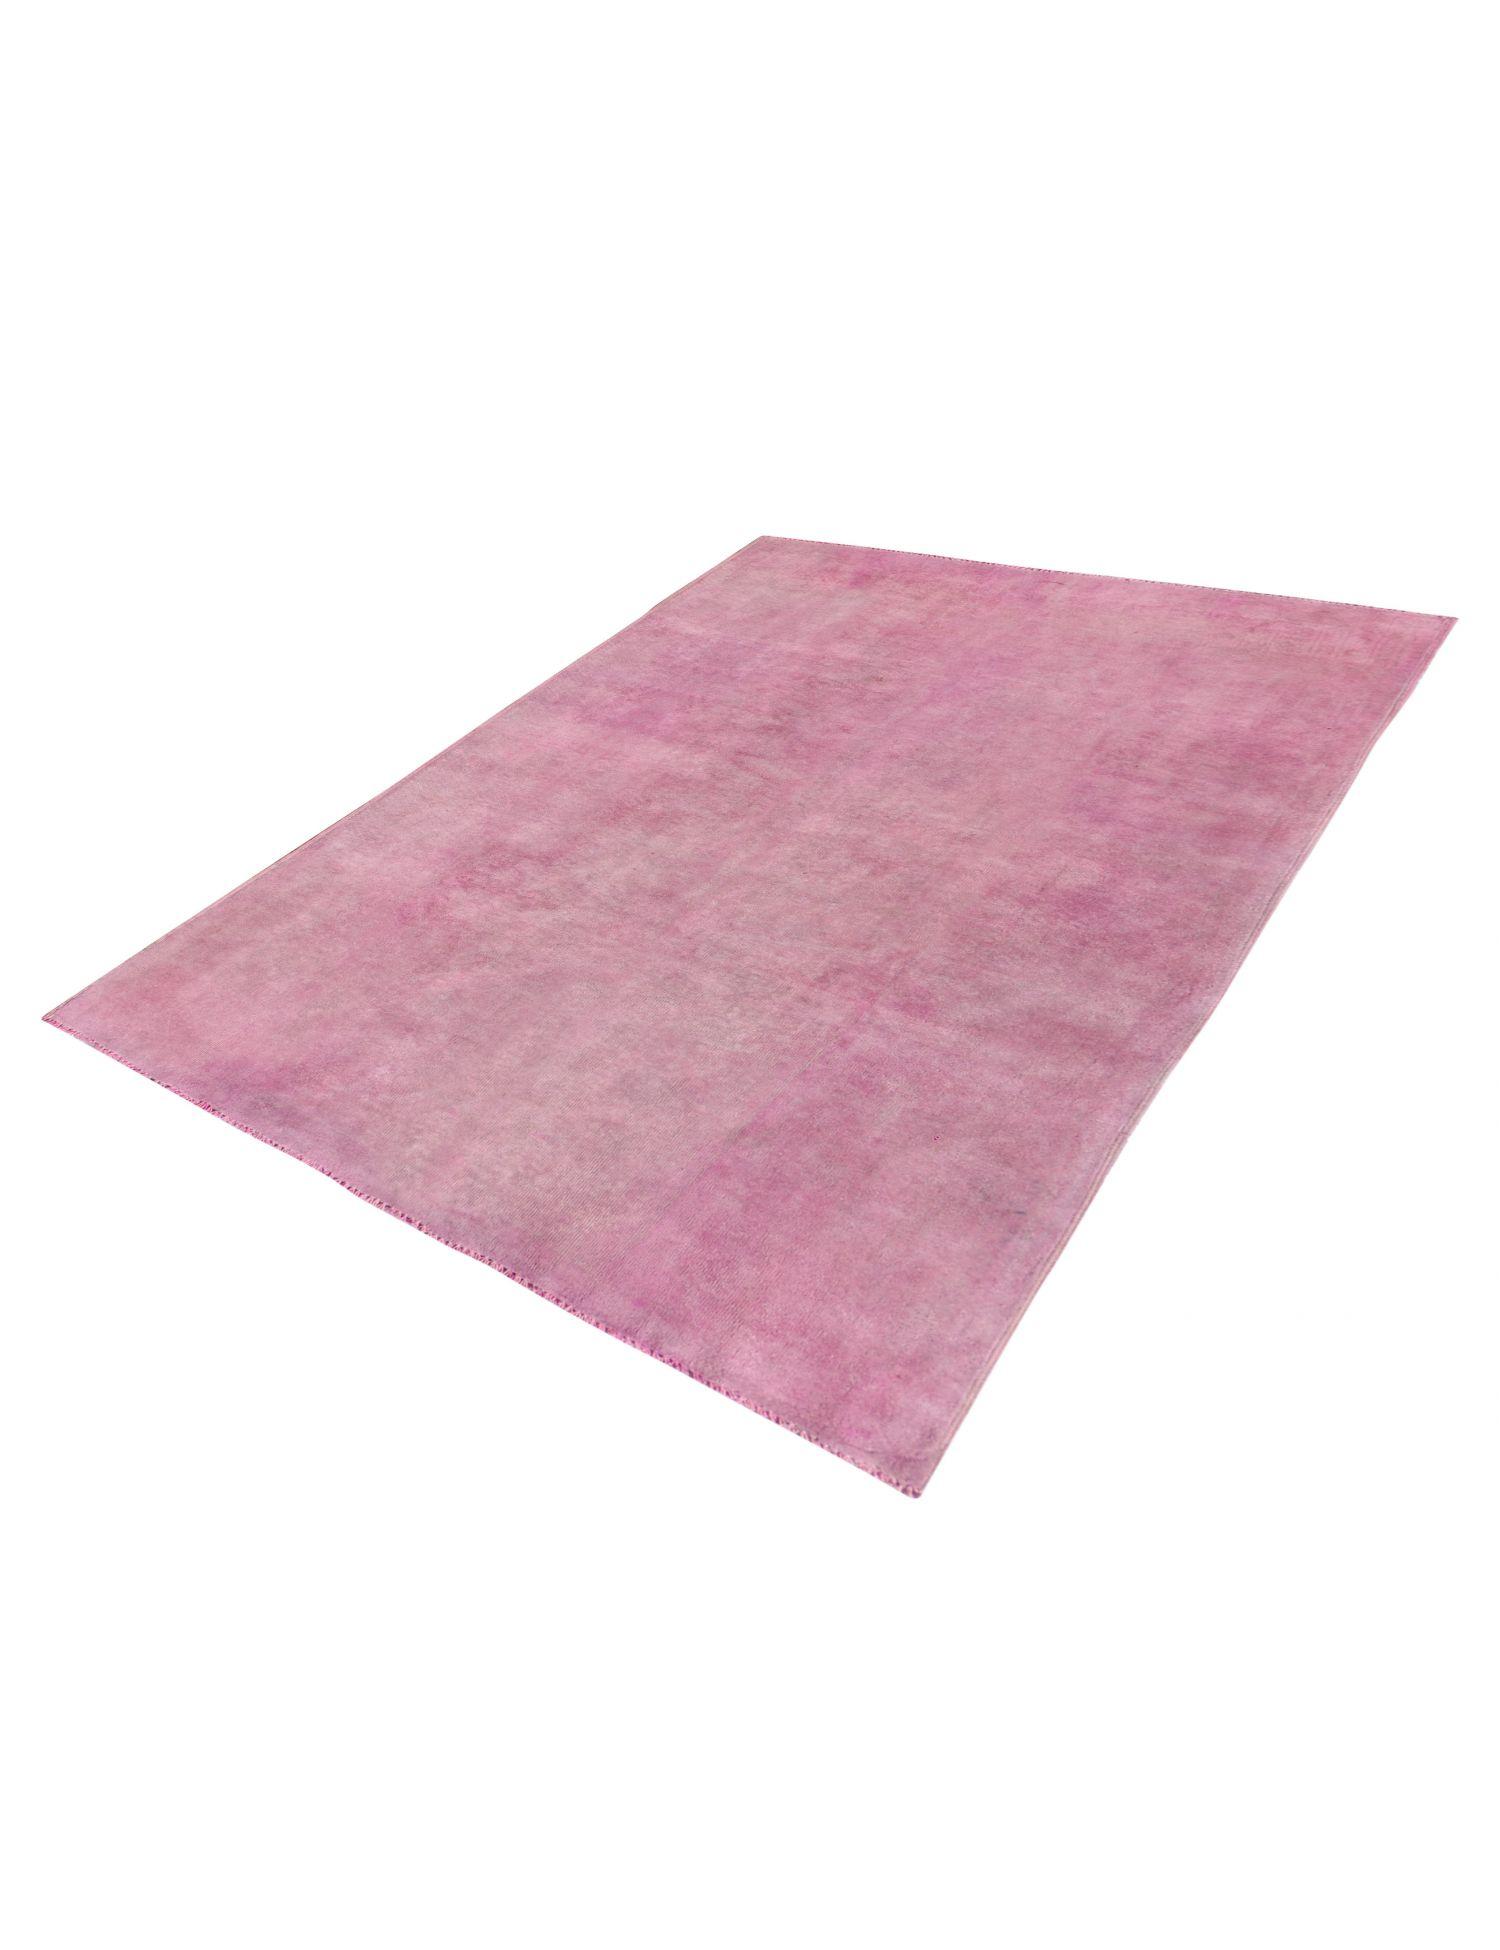 Persischer Vintage Teppich  rosa <br/>257 x 143 cm